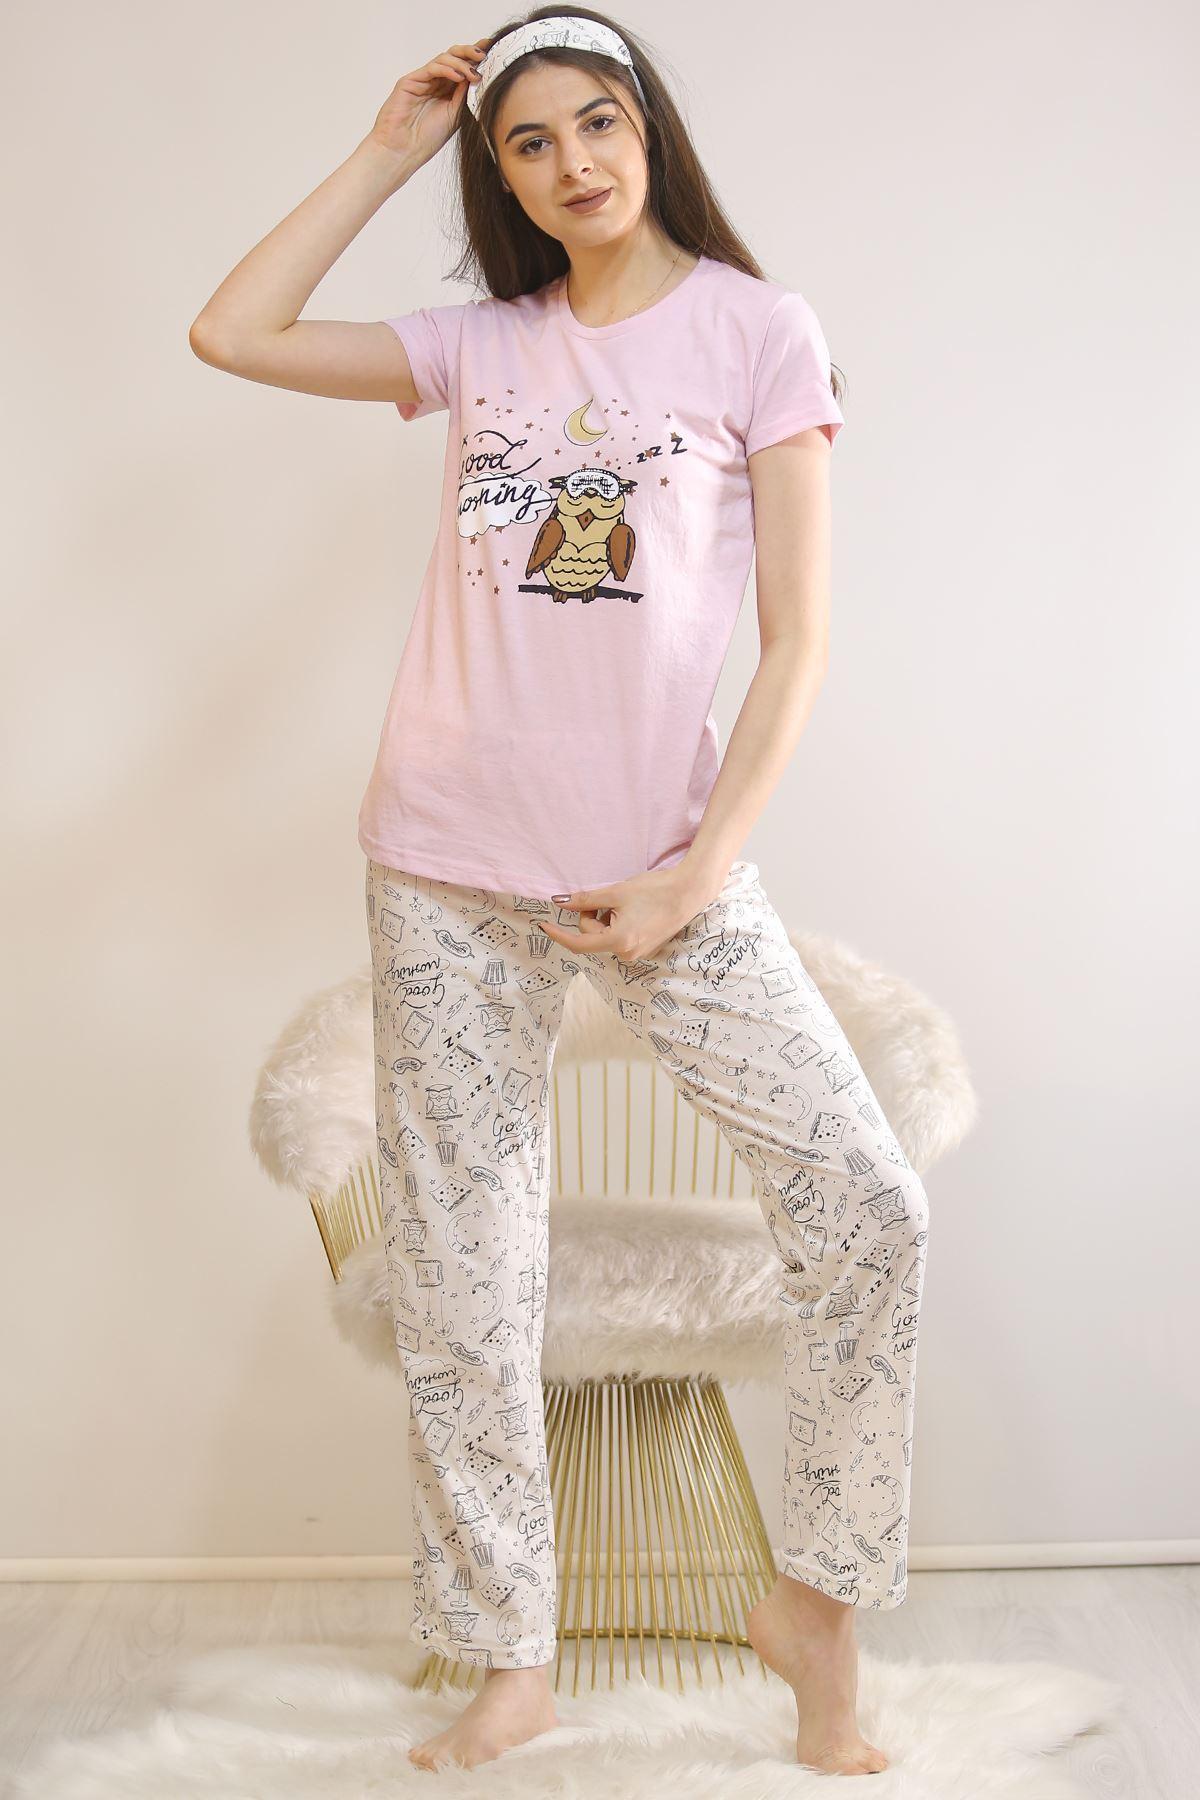 Baskılı Pijama Takımı Tozpembe - 21445.1059.